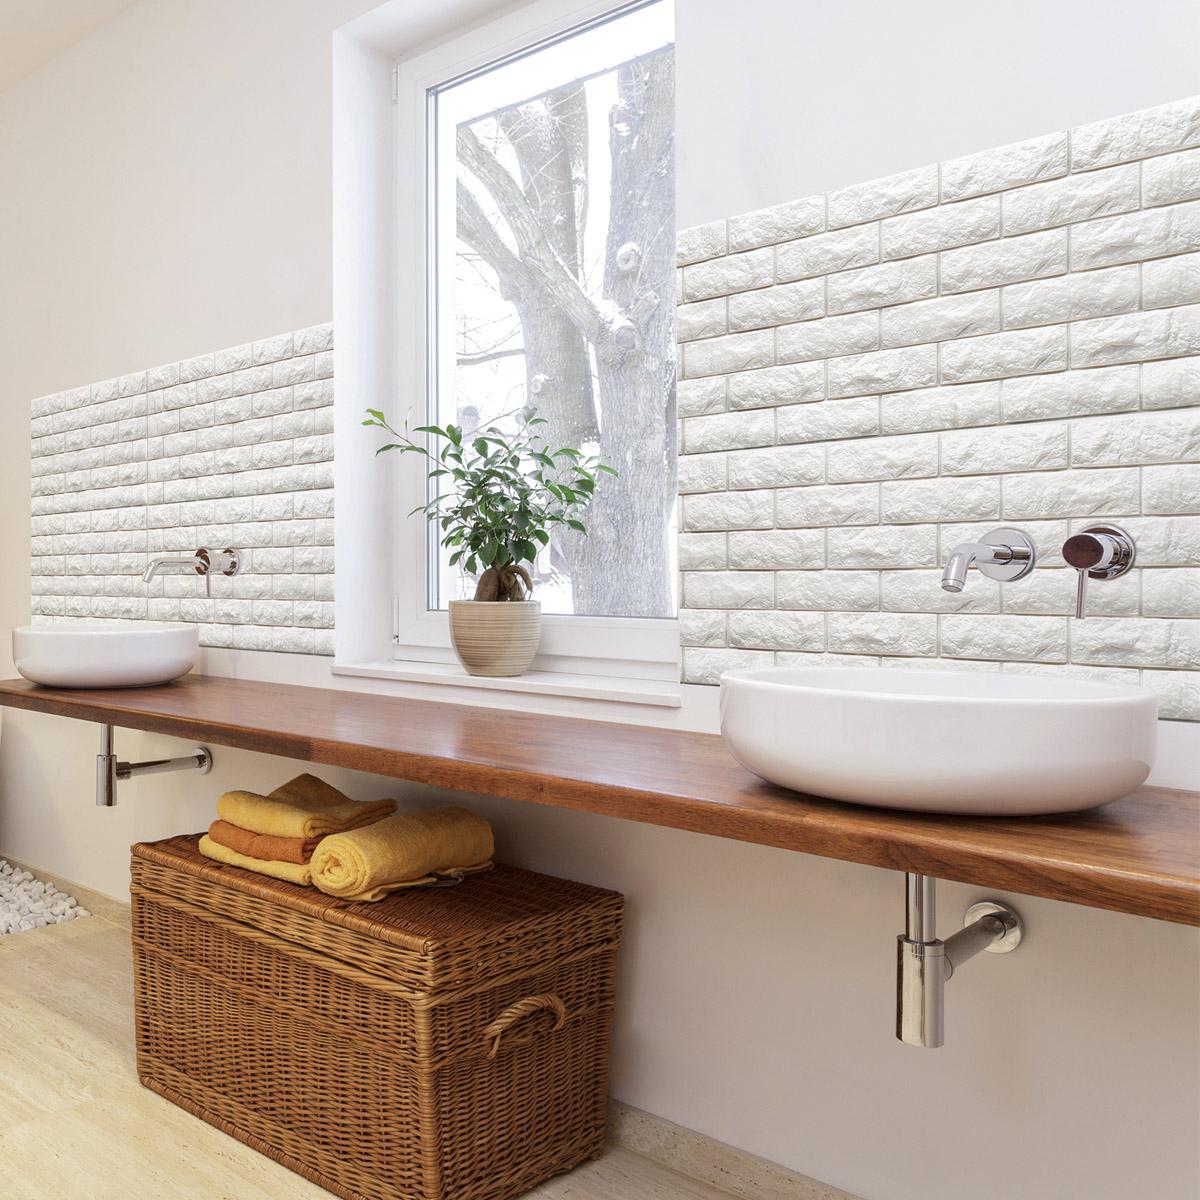 Peel & Stick 3D Wall Panels Foam Block Brick Design 10 Pics 48.4 Sq.Ft